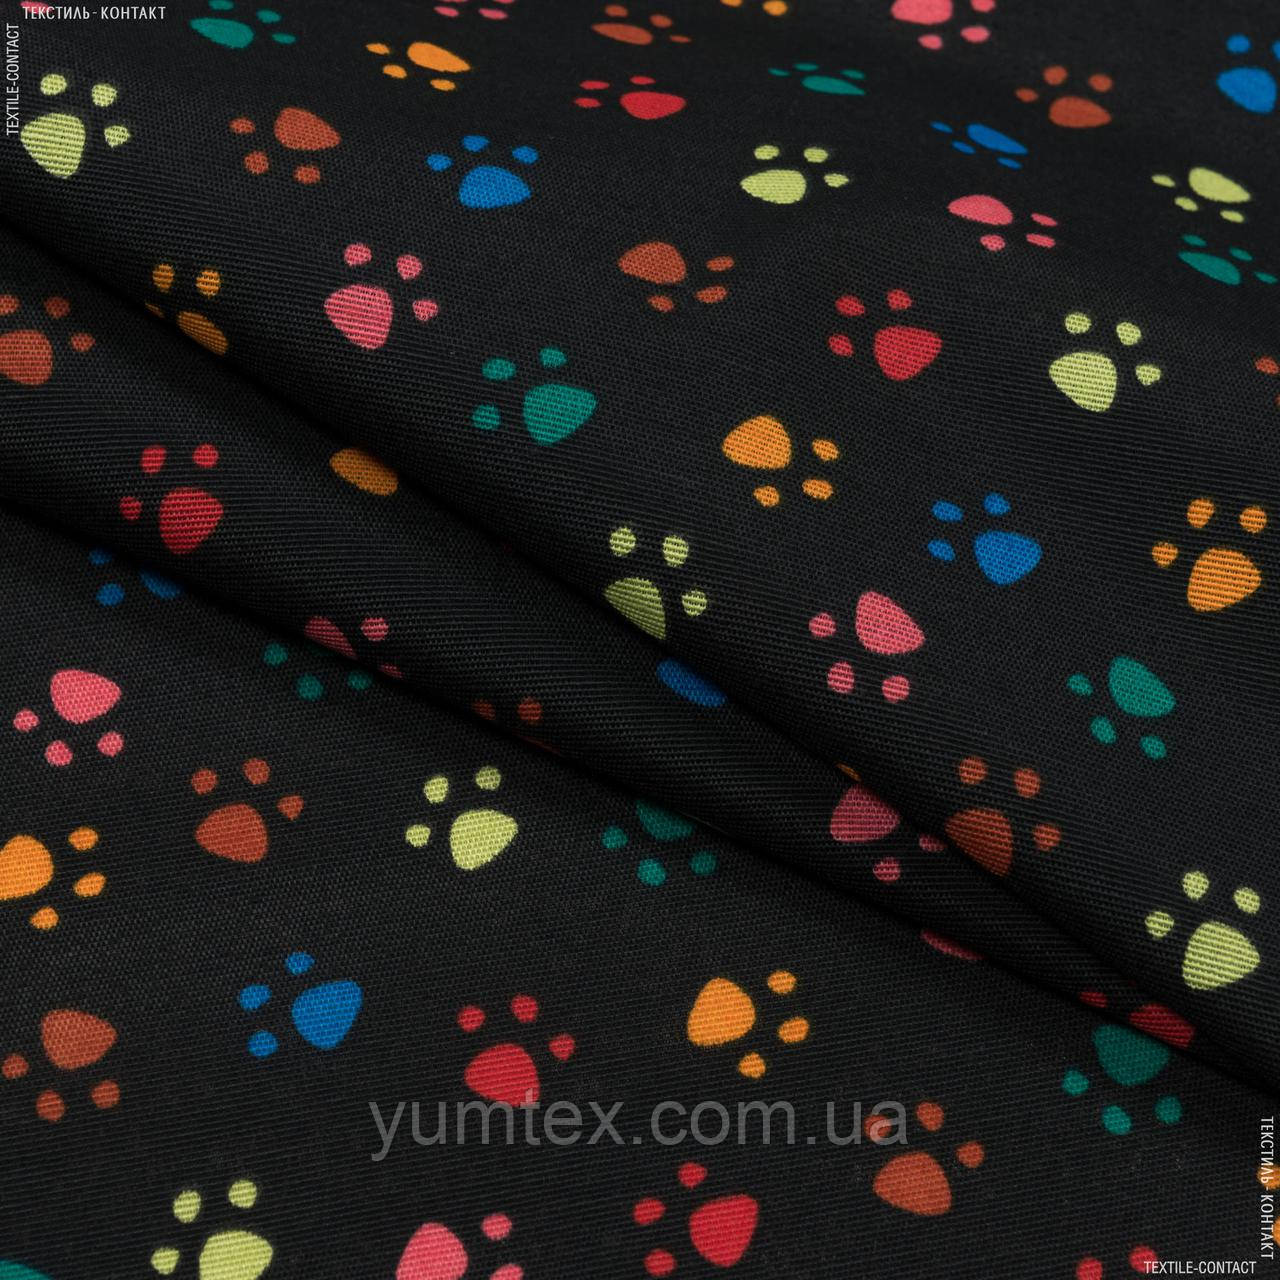 Декоративна тканина лонета хеллас/huellas фон чорний,мультиколор 148861